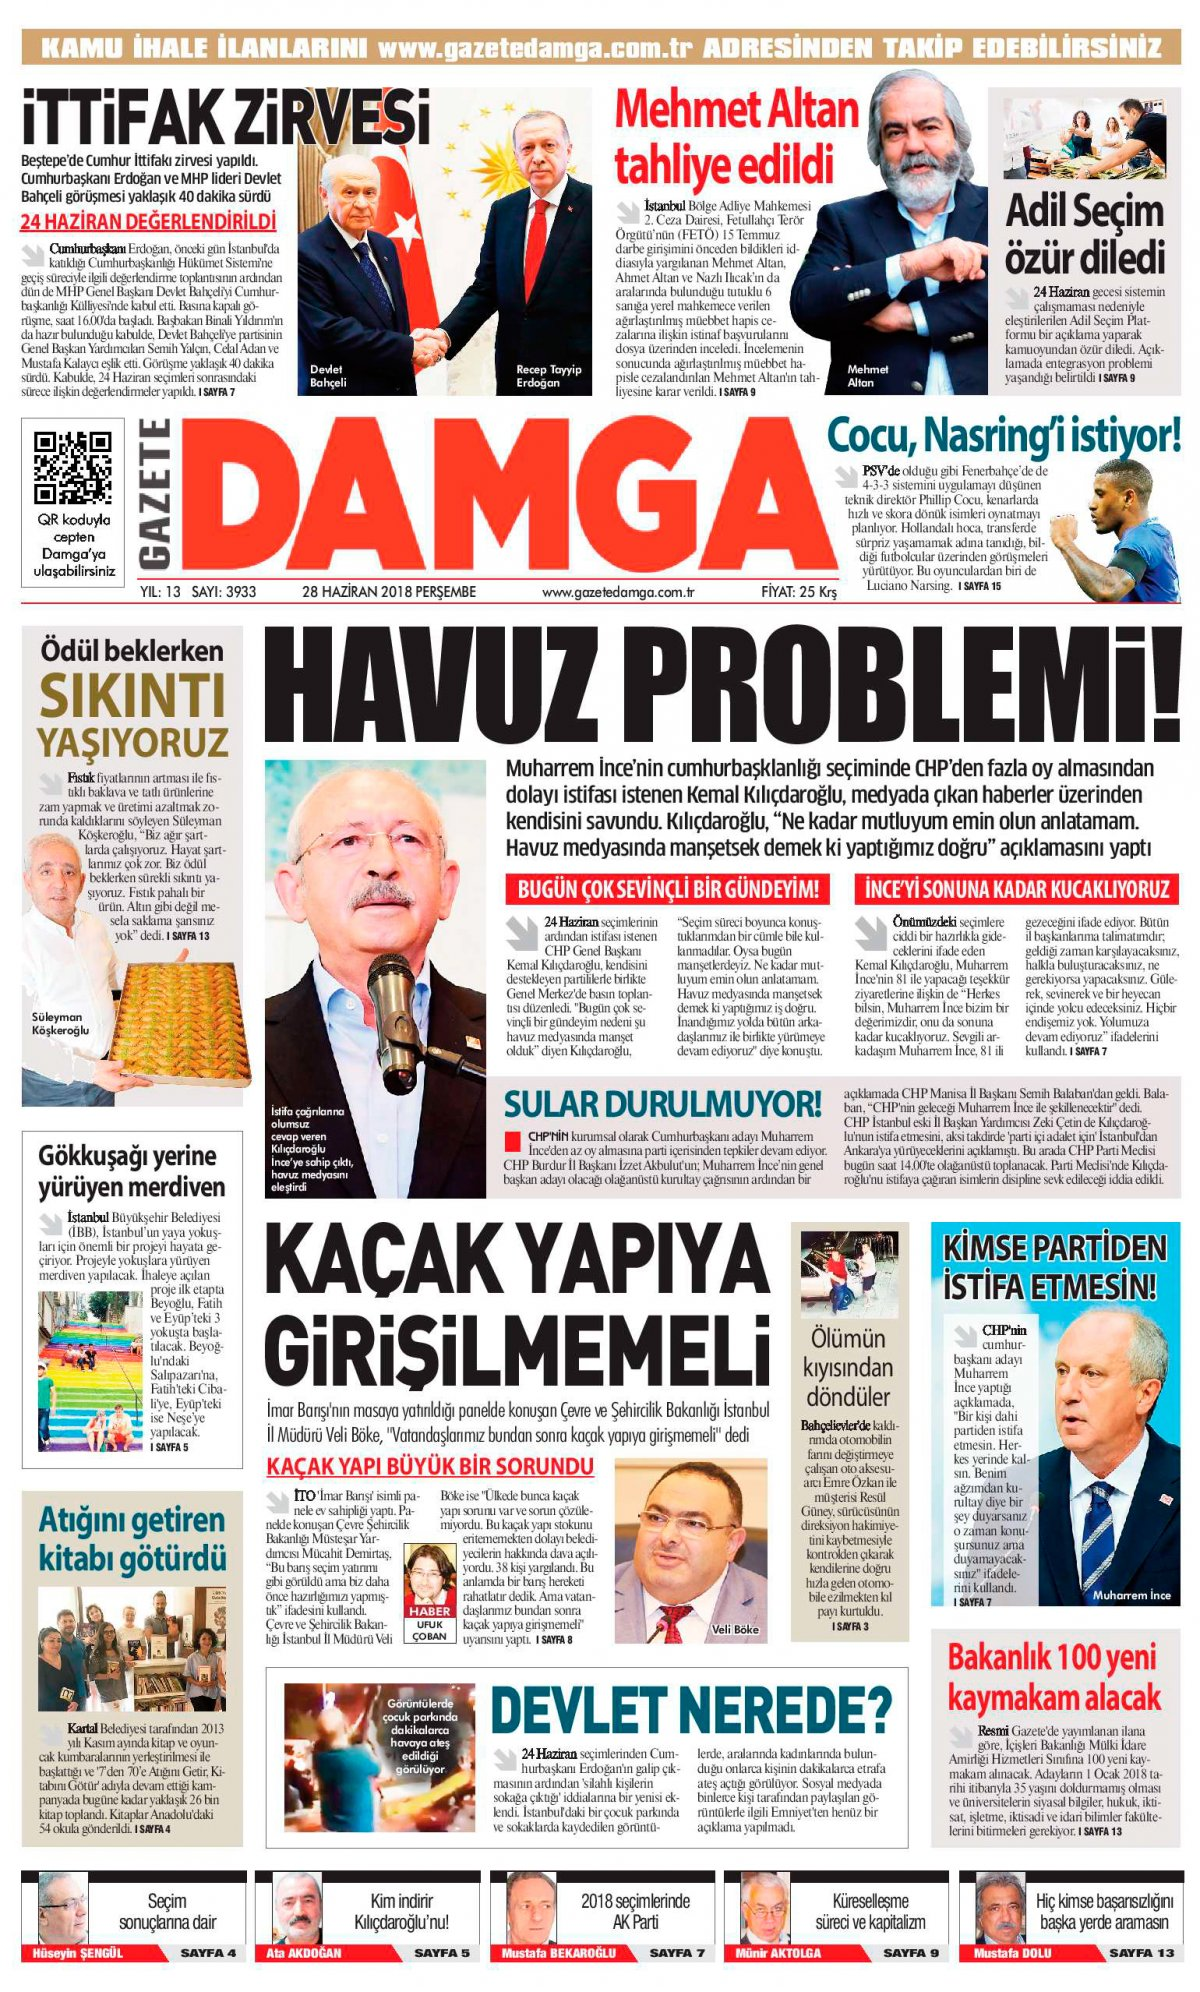 Gazete Damga - 28.06.2018 Manşeti